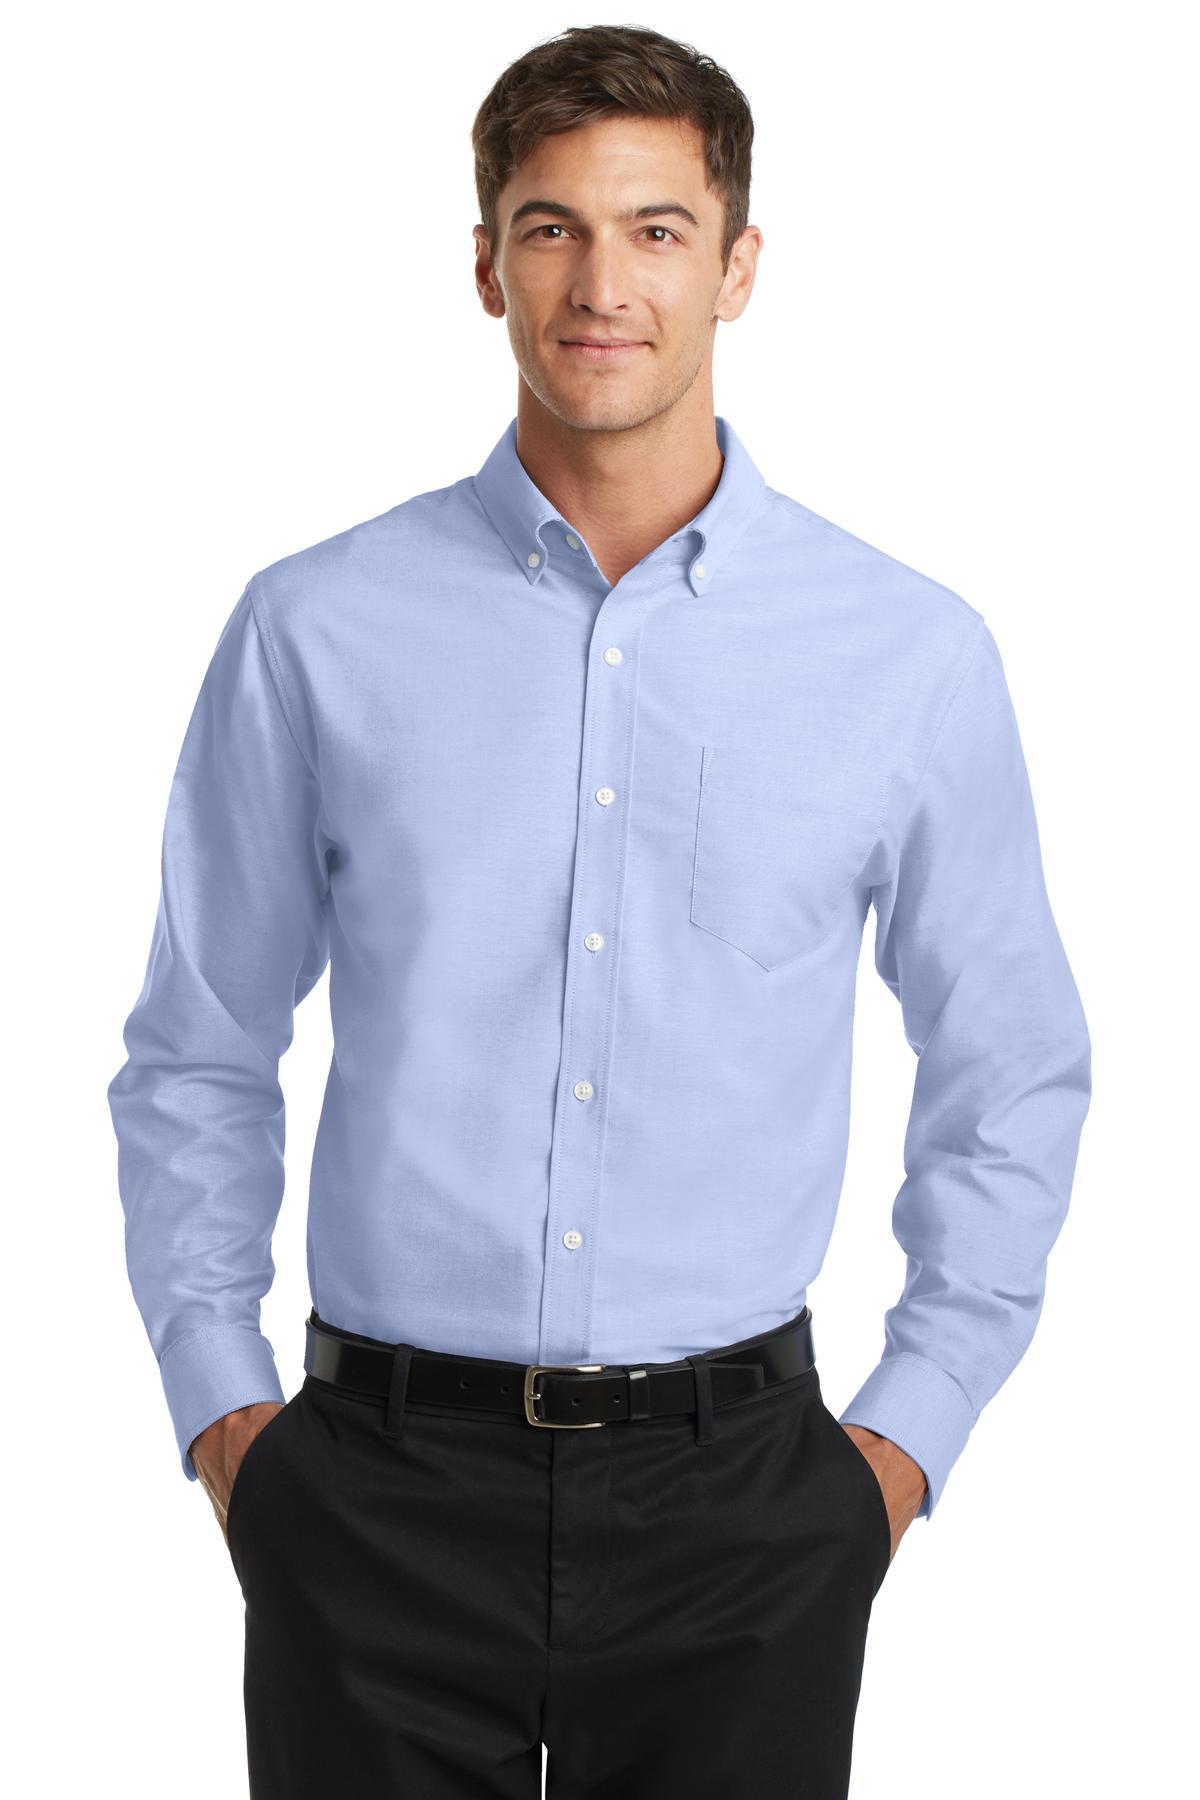 oxford shirt s658-oxford blue mafjfok